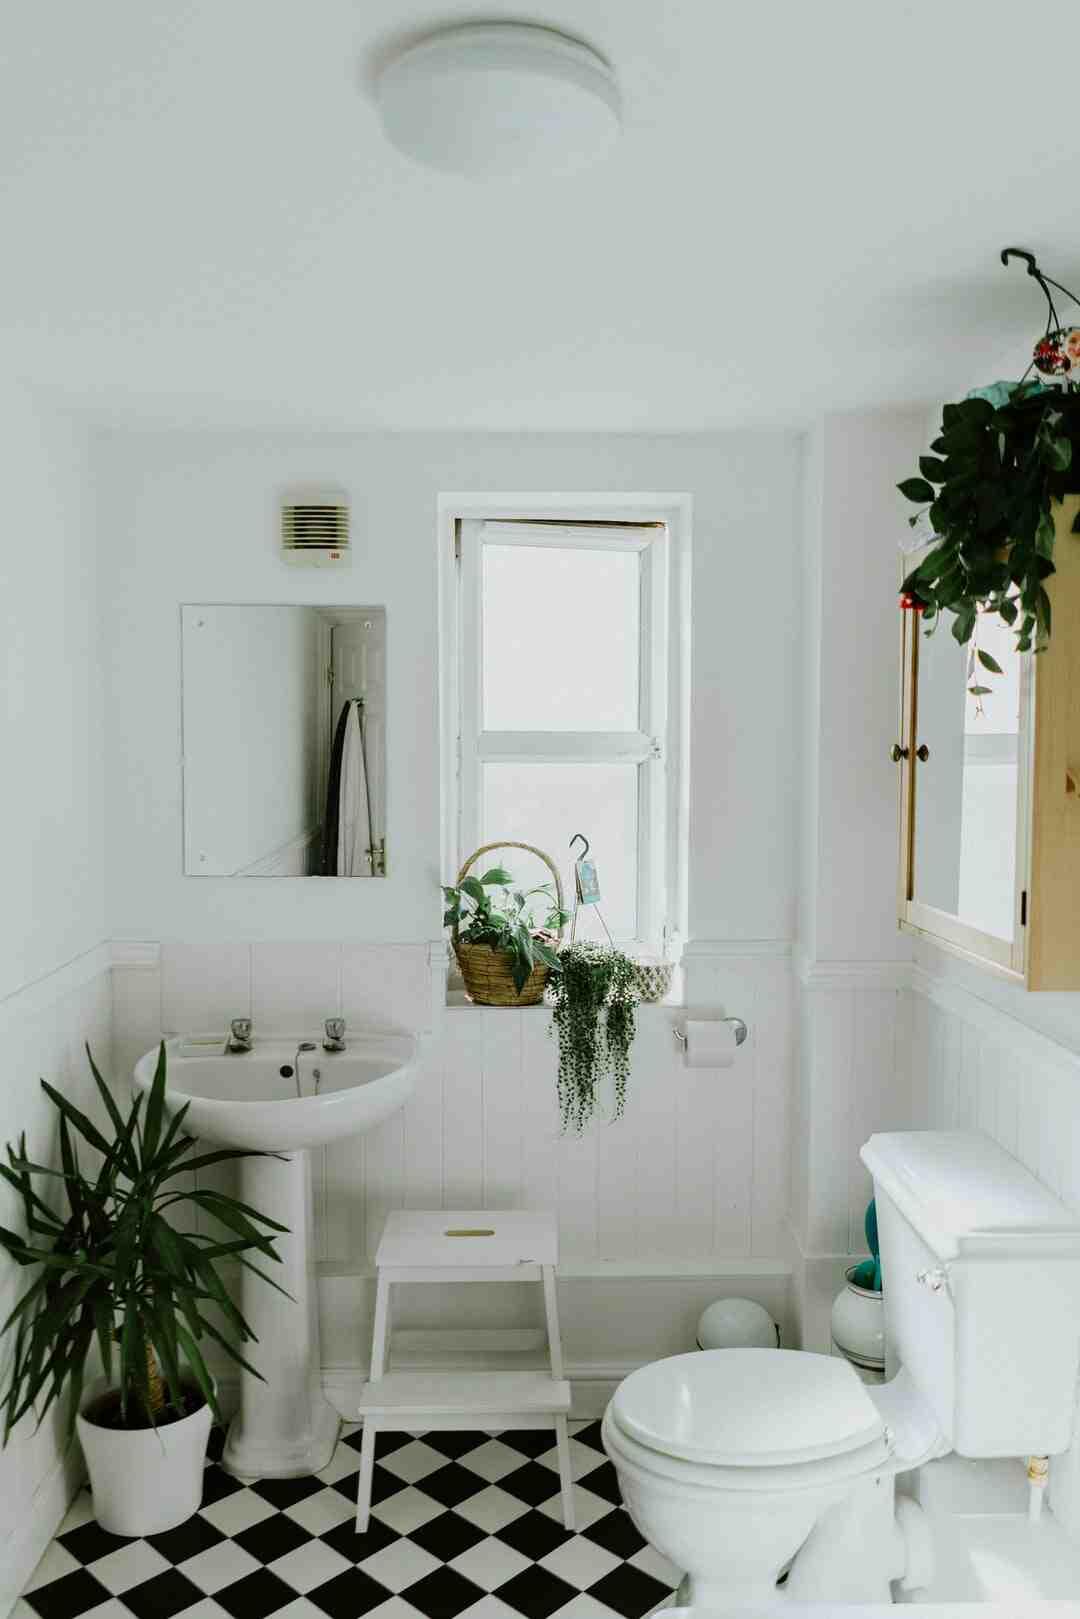 Carrelage salle de bain leroy merlin